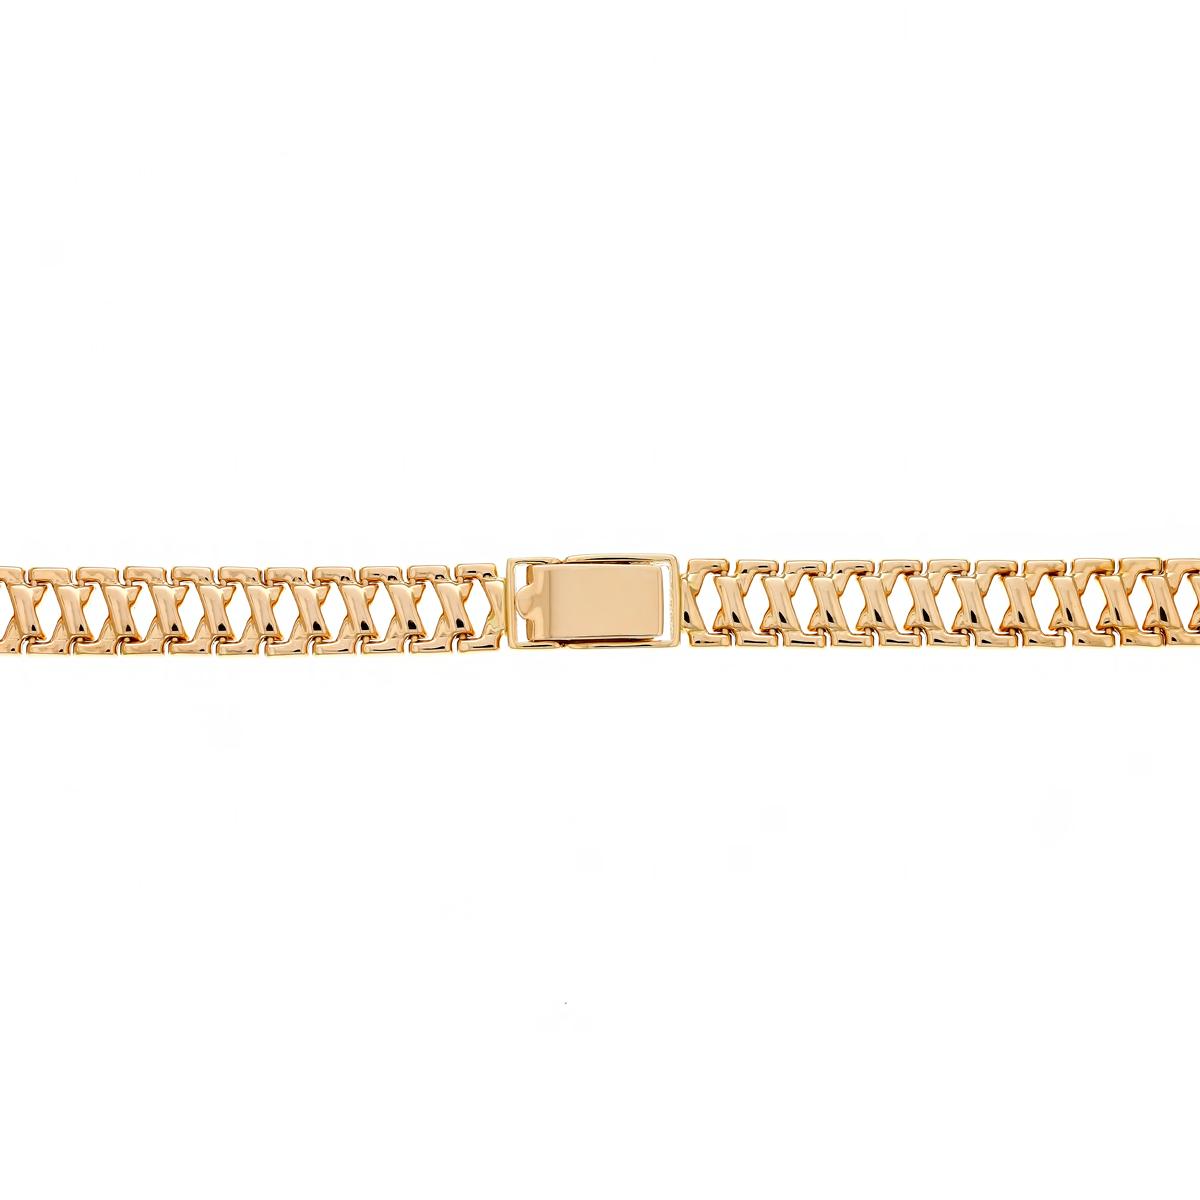 браслеты для часов из золота в картинках показывать вам